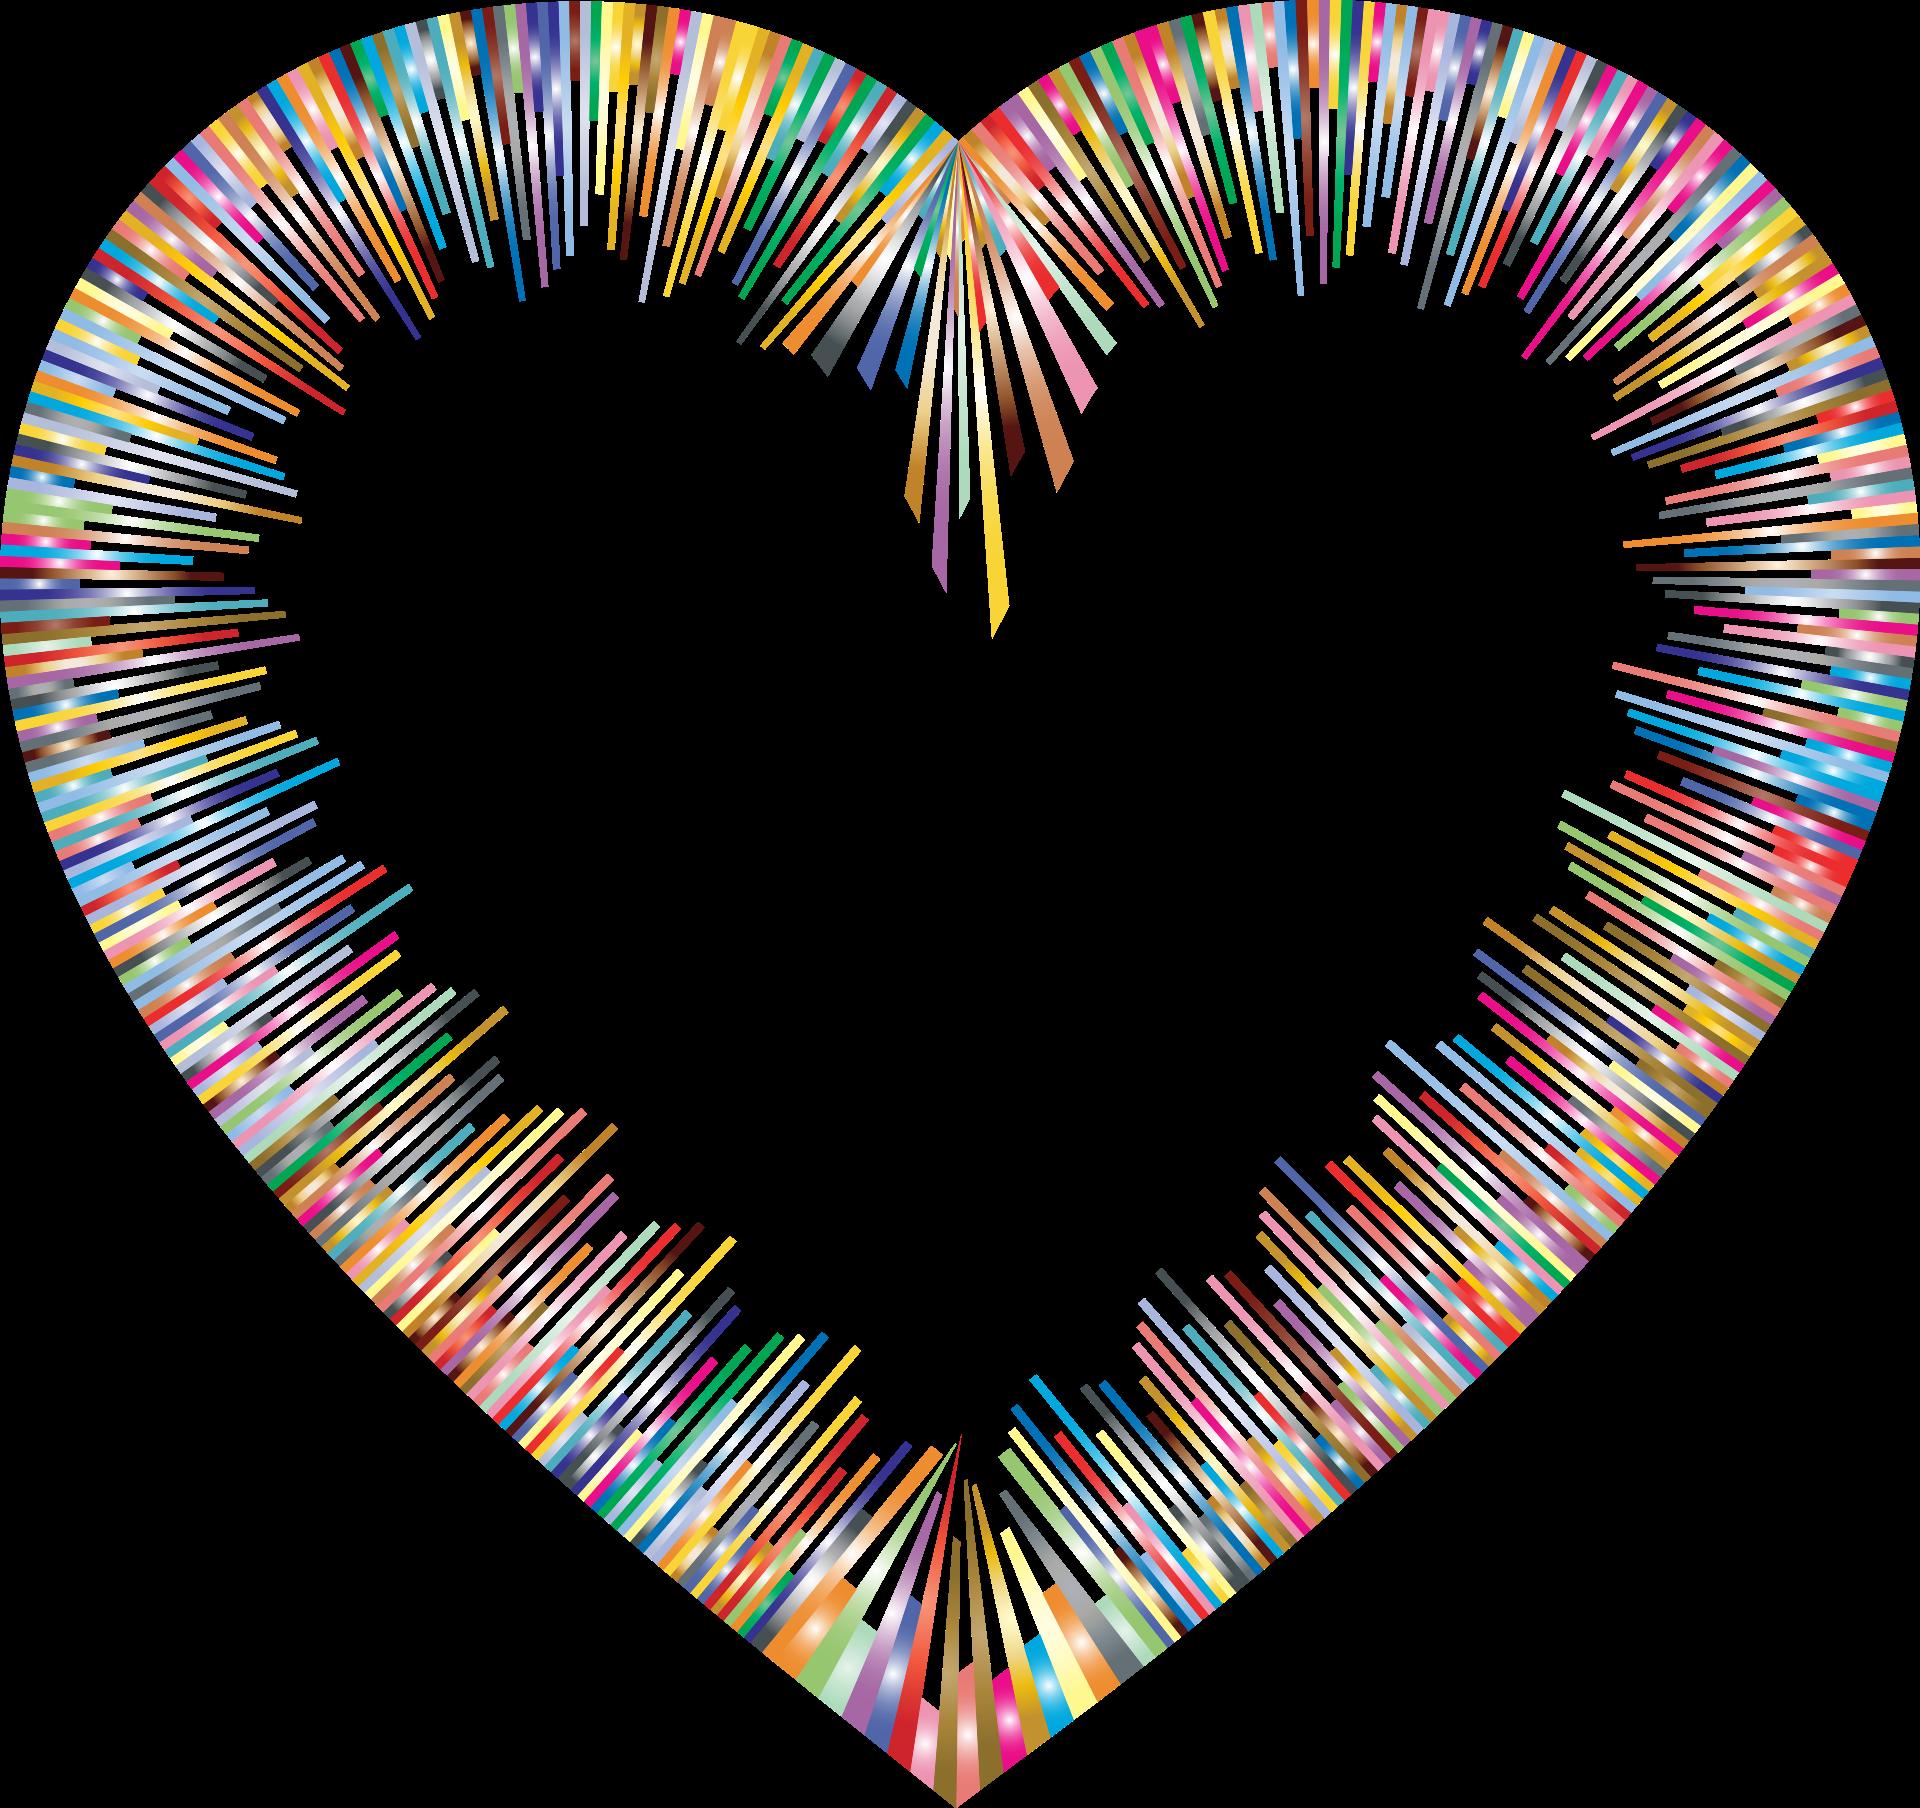 Color Spectrum Heart Shape